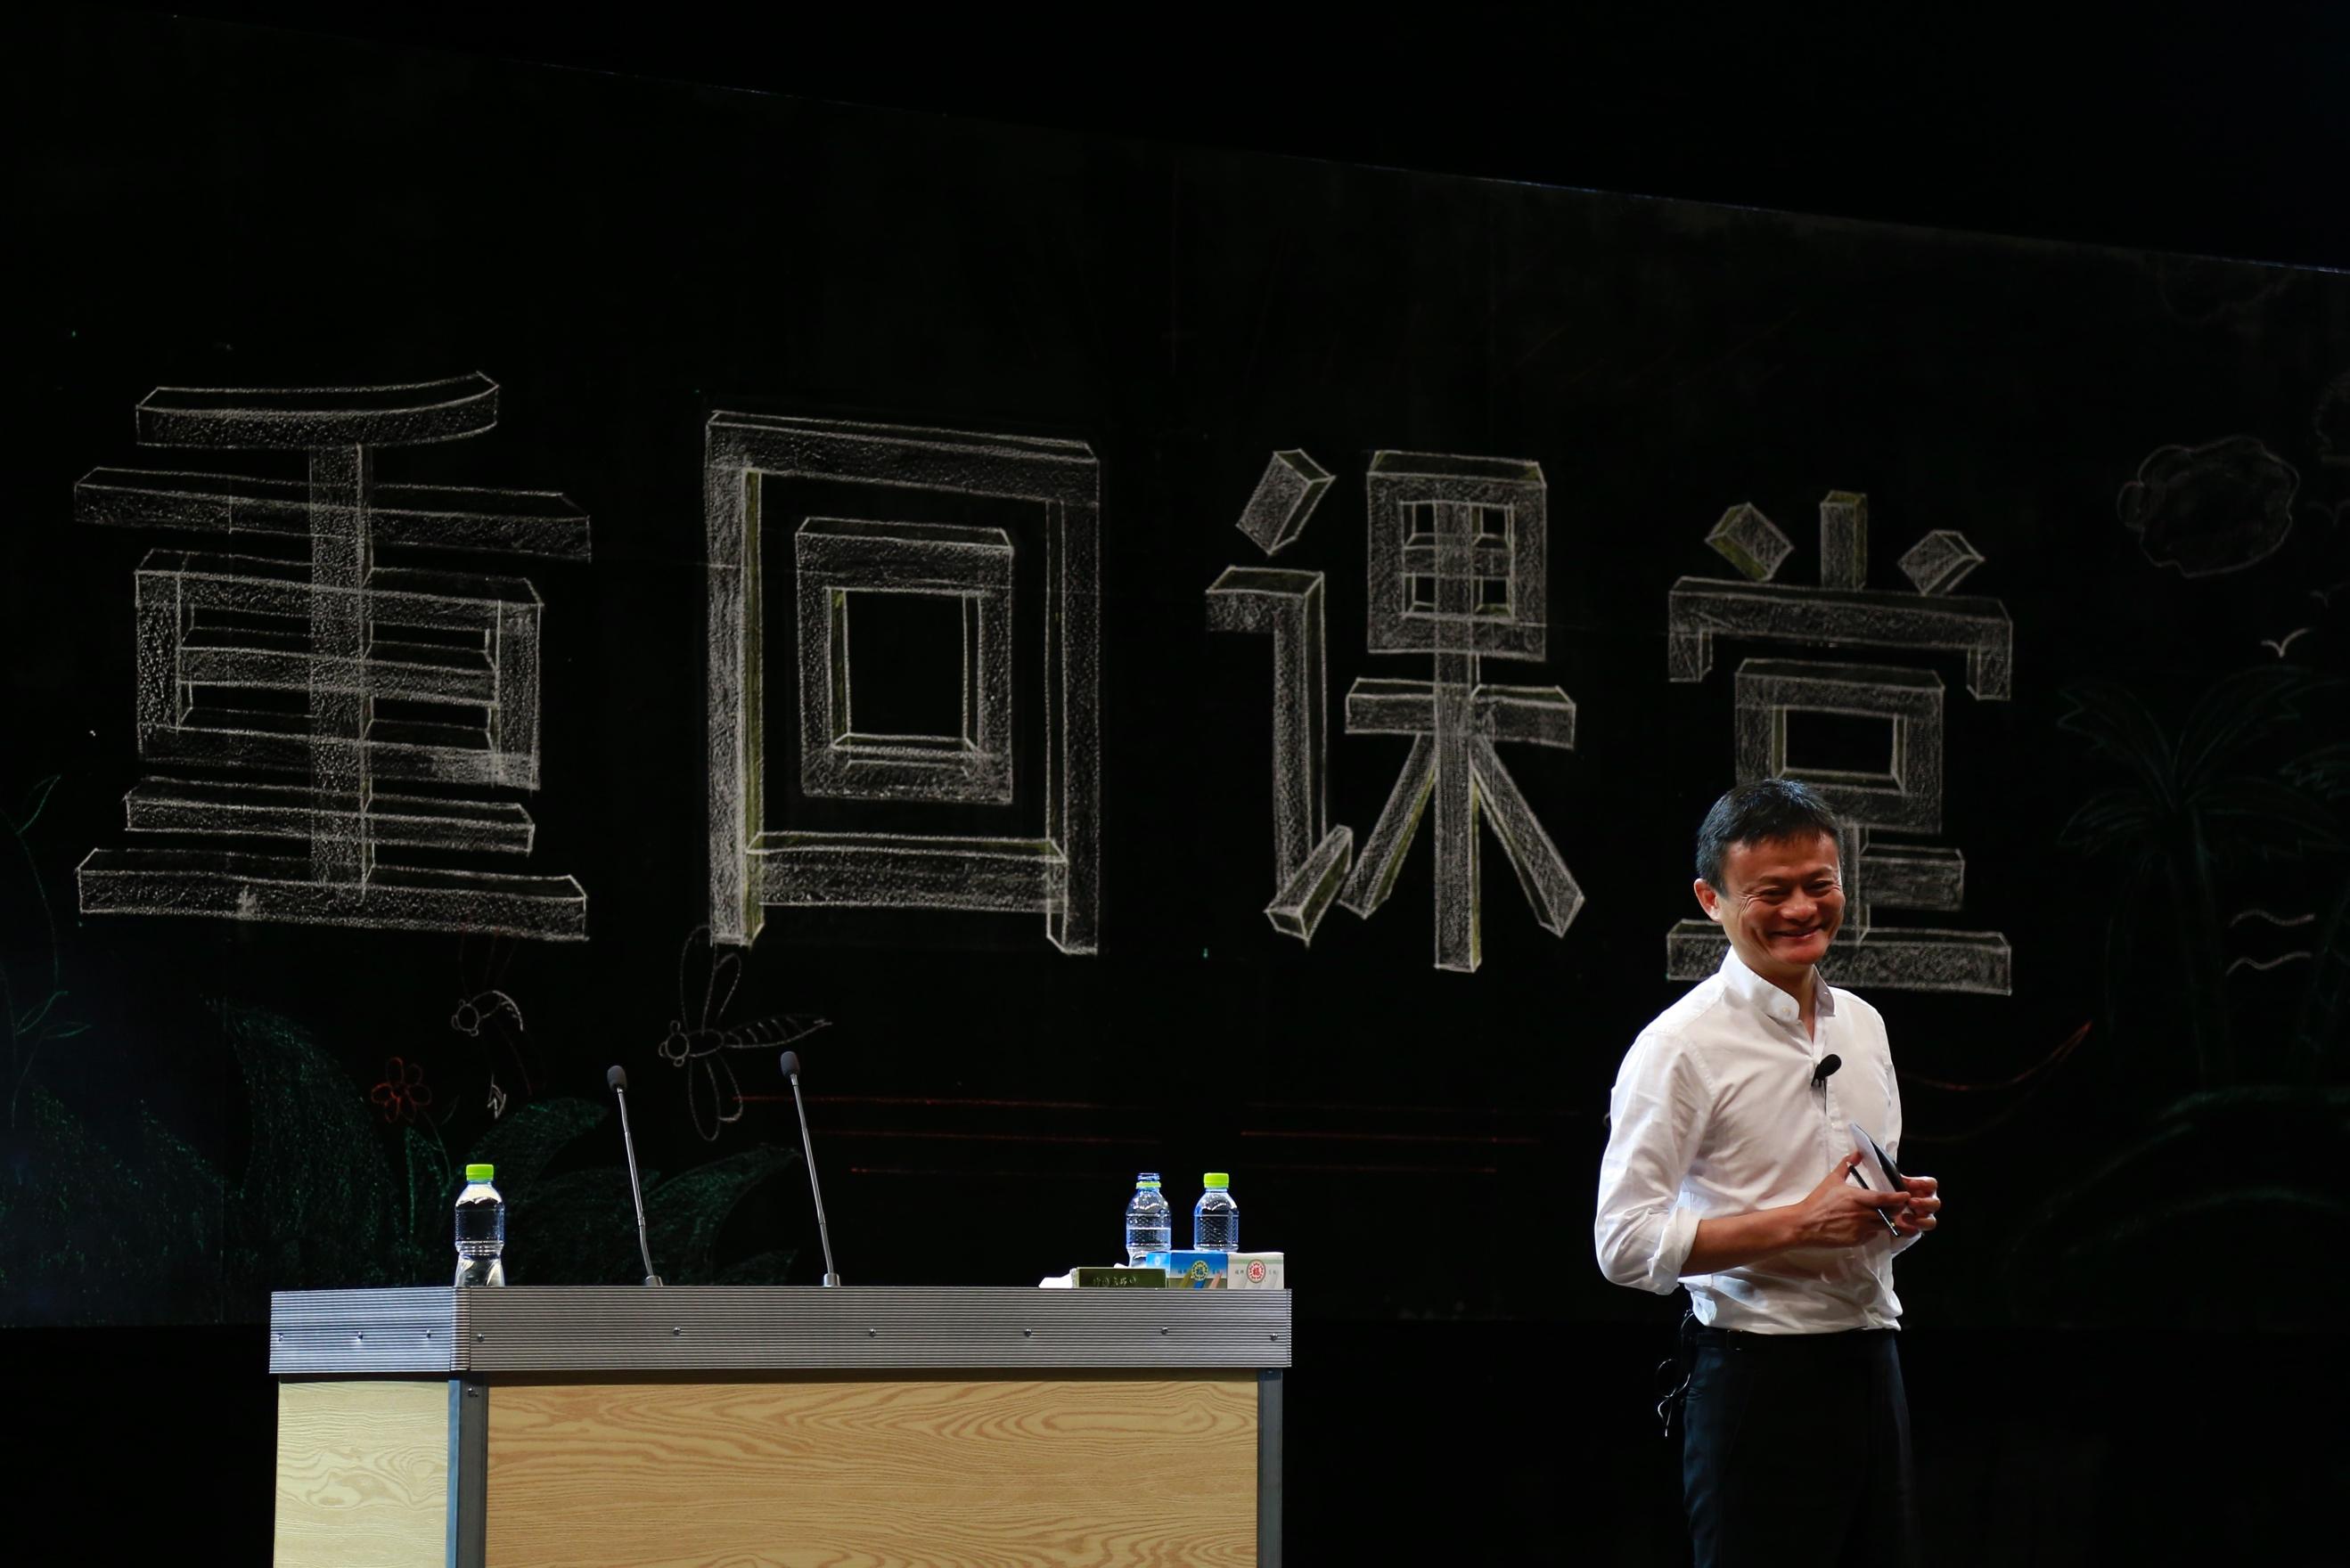 阿里首席教育官马云筹谋10年的传承:阿里从来不只属于马云,马云永远属于阿里